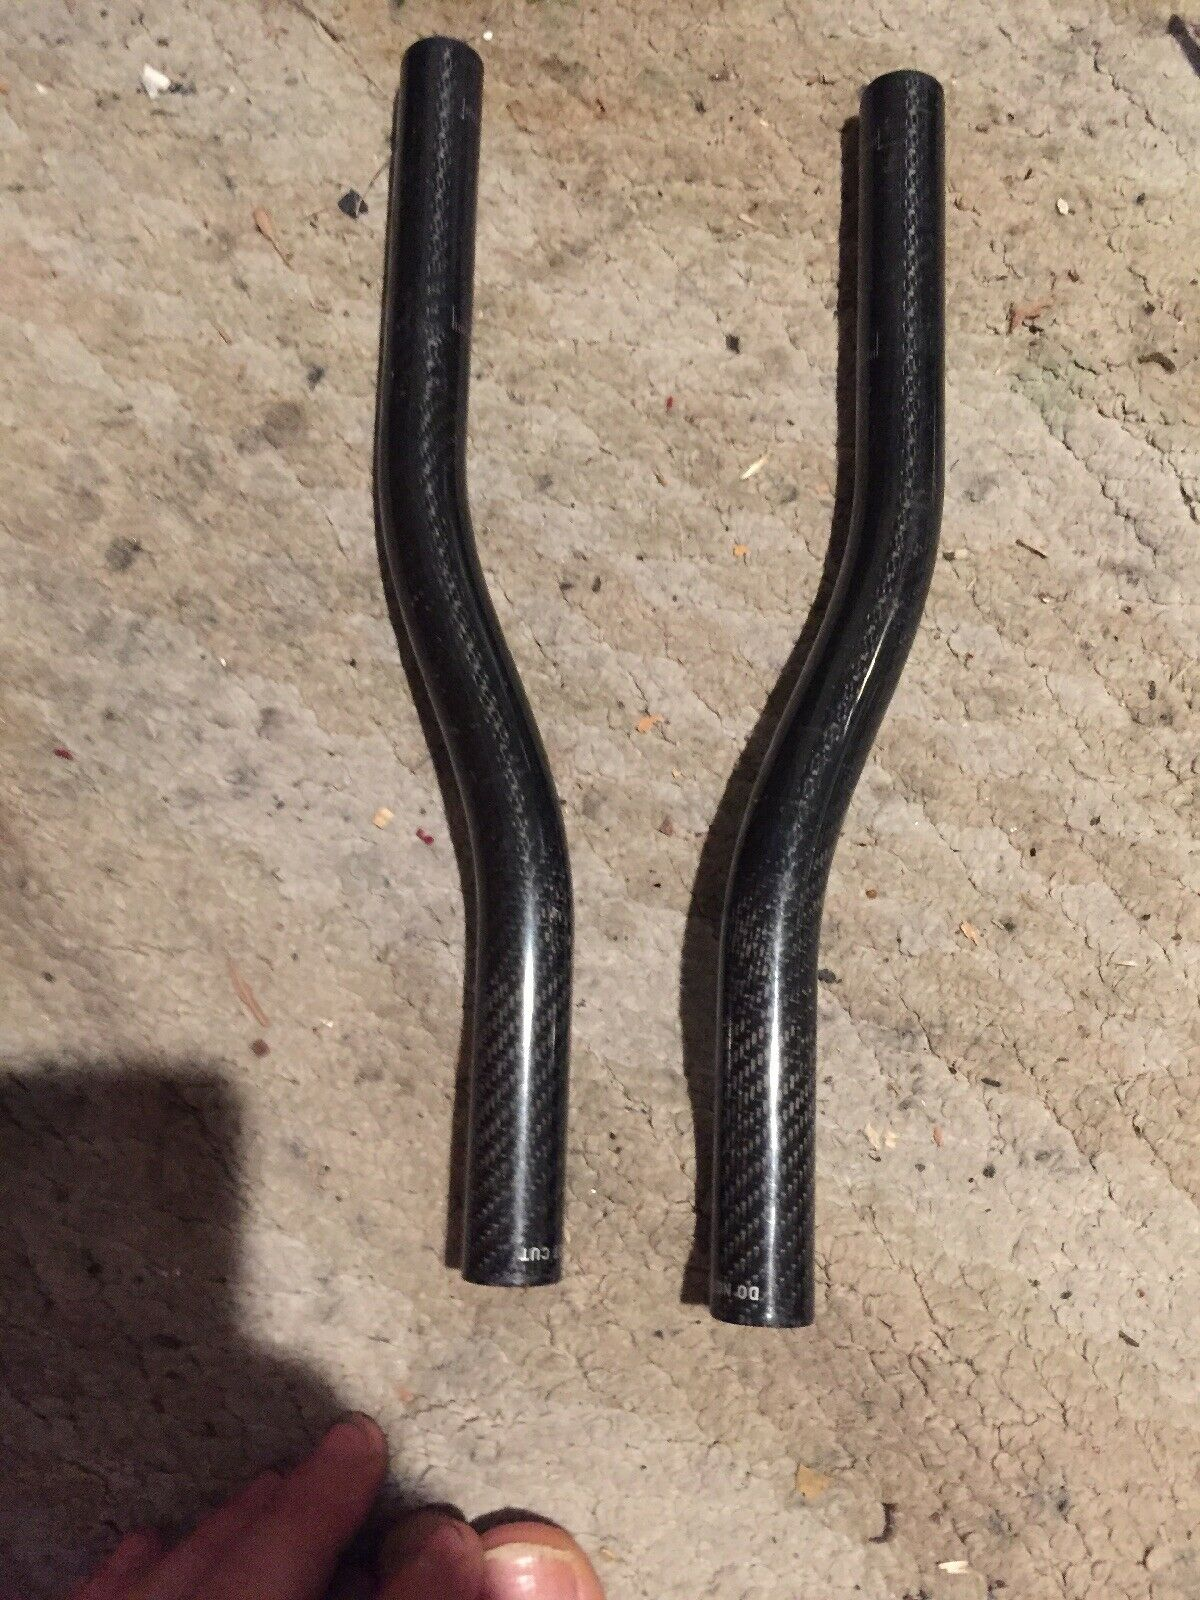 Extensiones de  Barra de Aero de fibra de Cochebono 22.2mm de diámetro  despacho de tienda